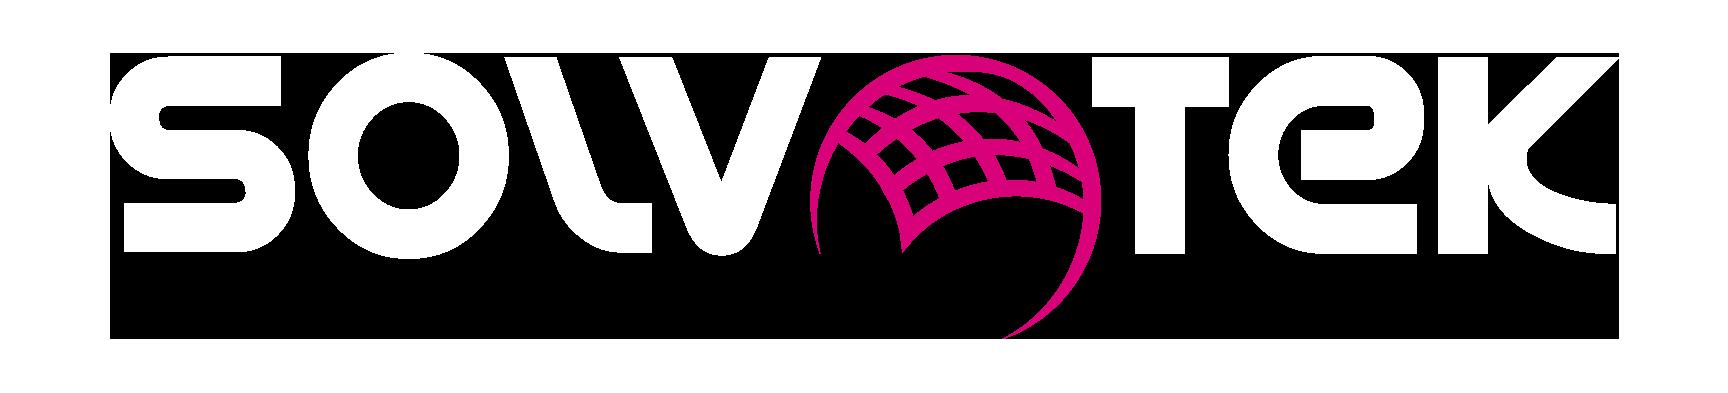 Solvotek Mühendislik ve Bilişim Hizmetleri Tic. Ltd. Şti.